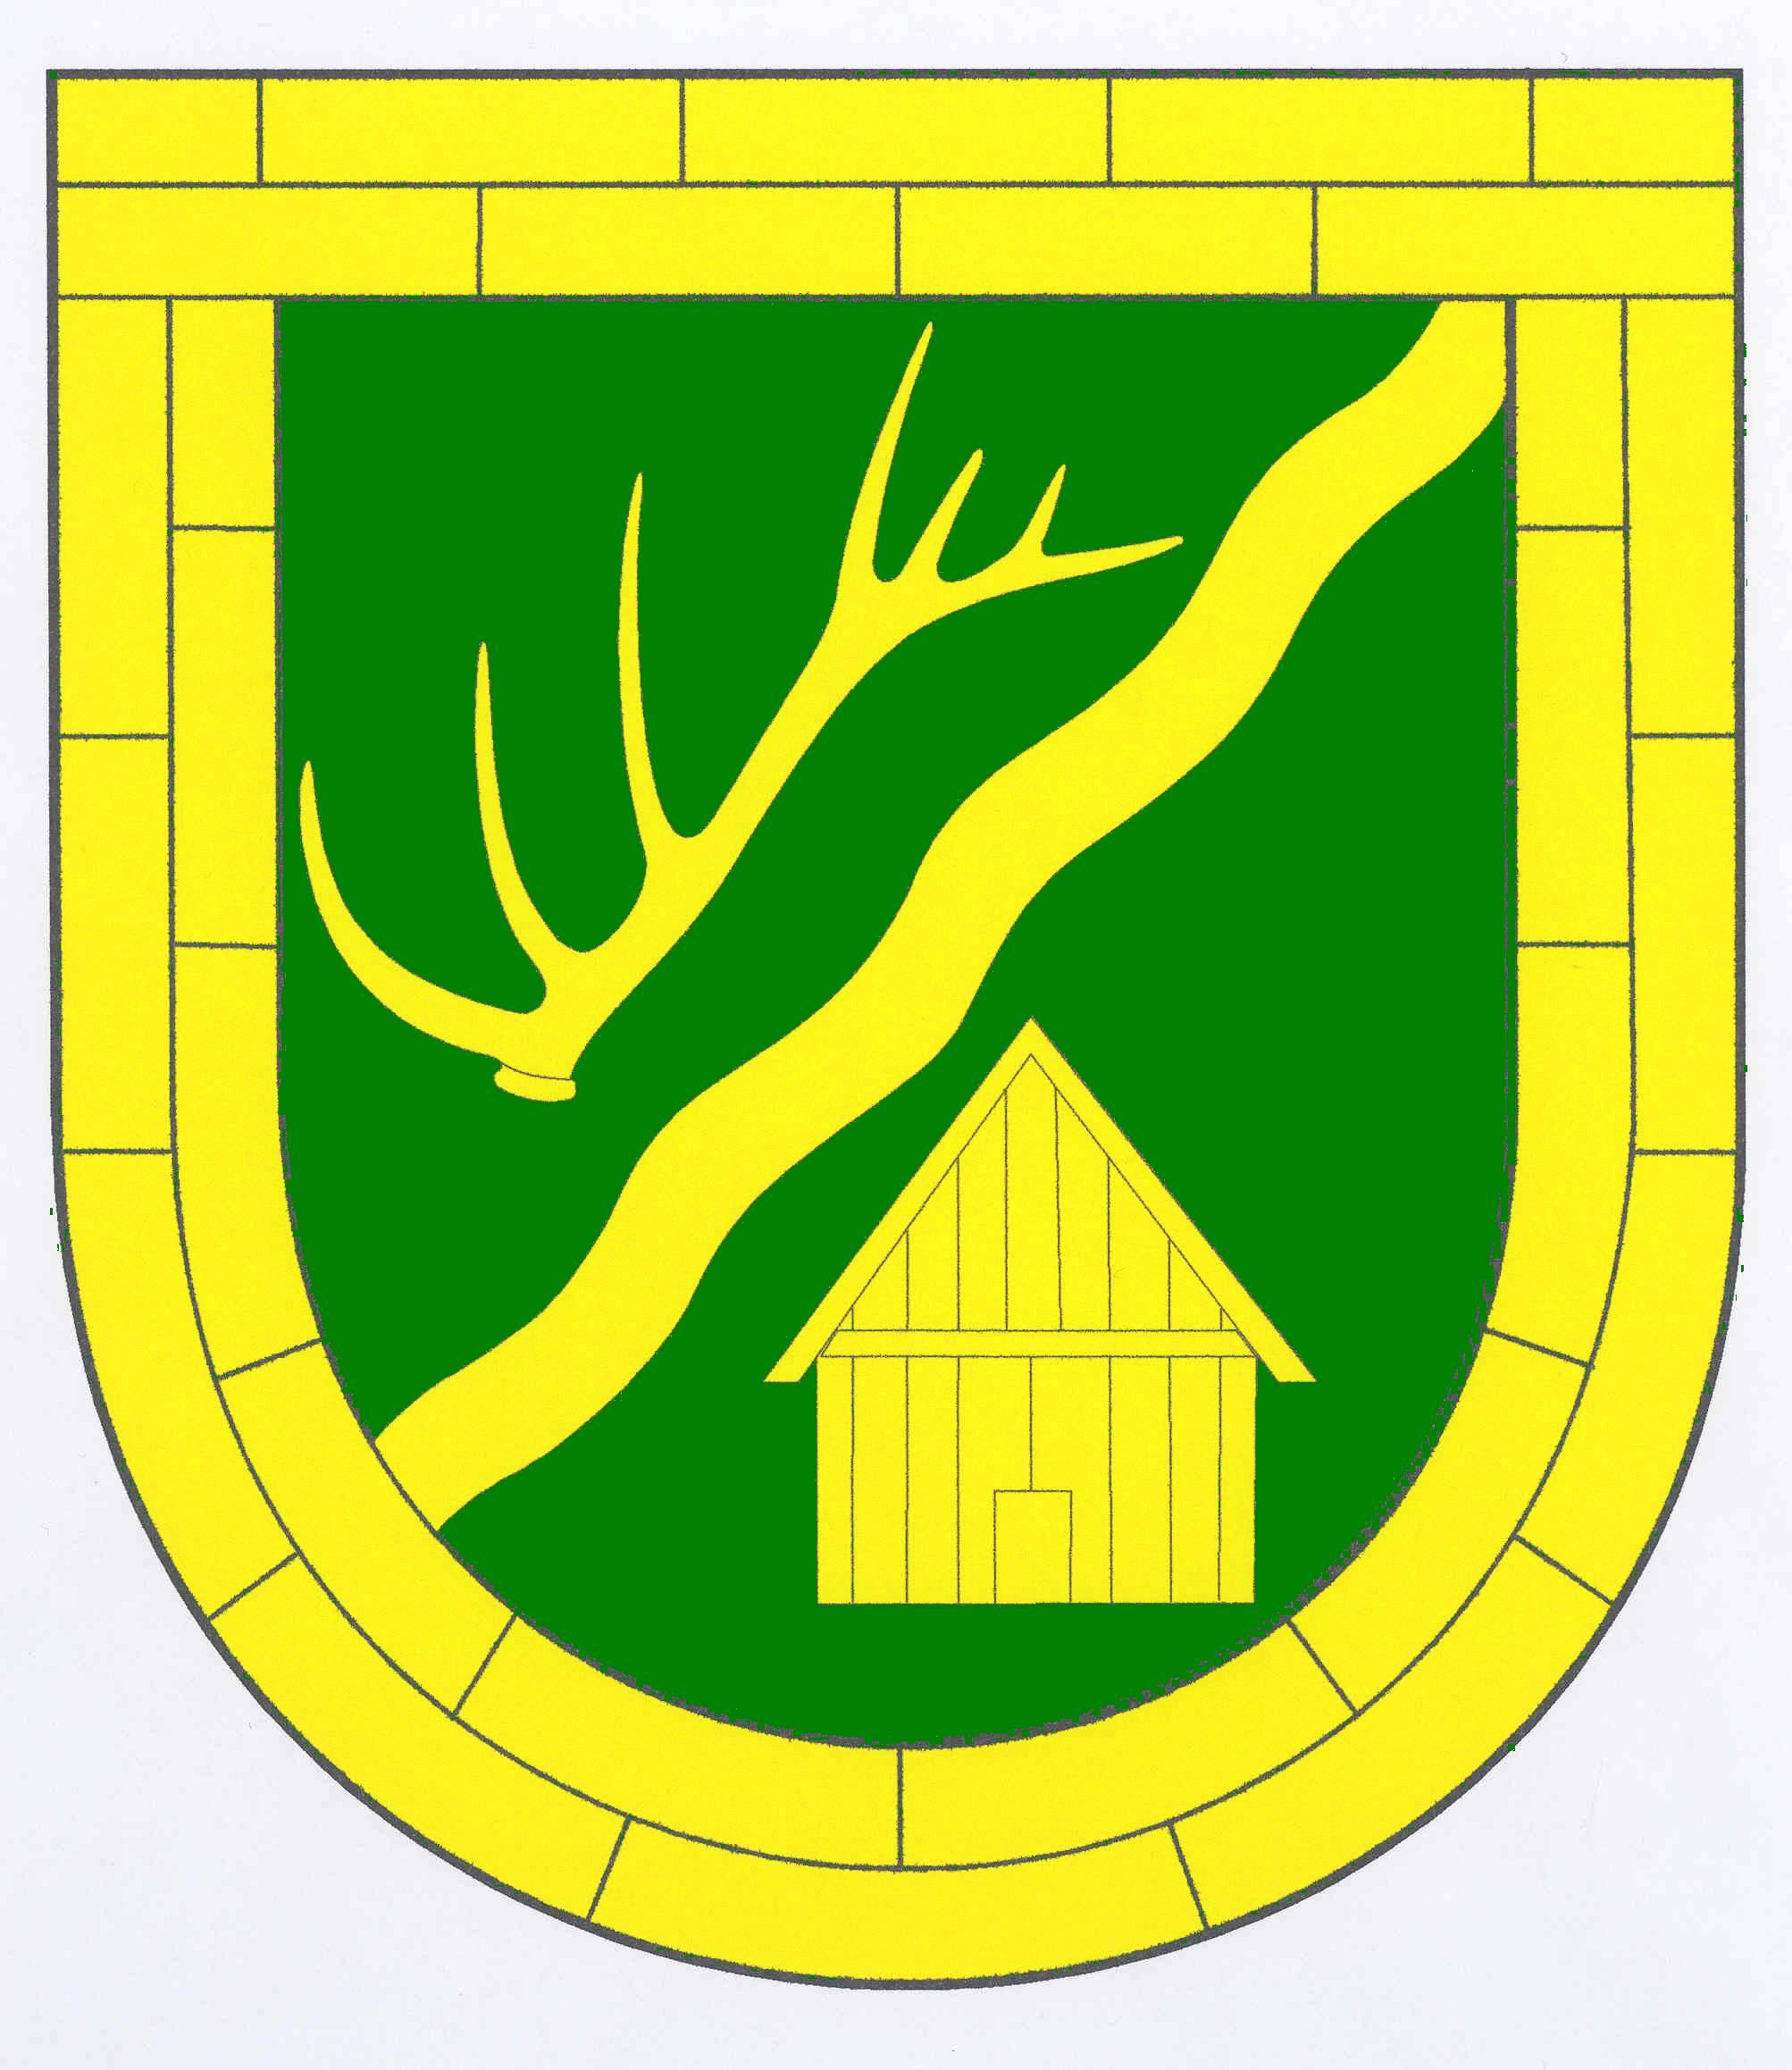 Wappen GemeindeOldenhütten, Kreis Rendsburg-Eckernförde